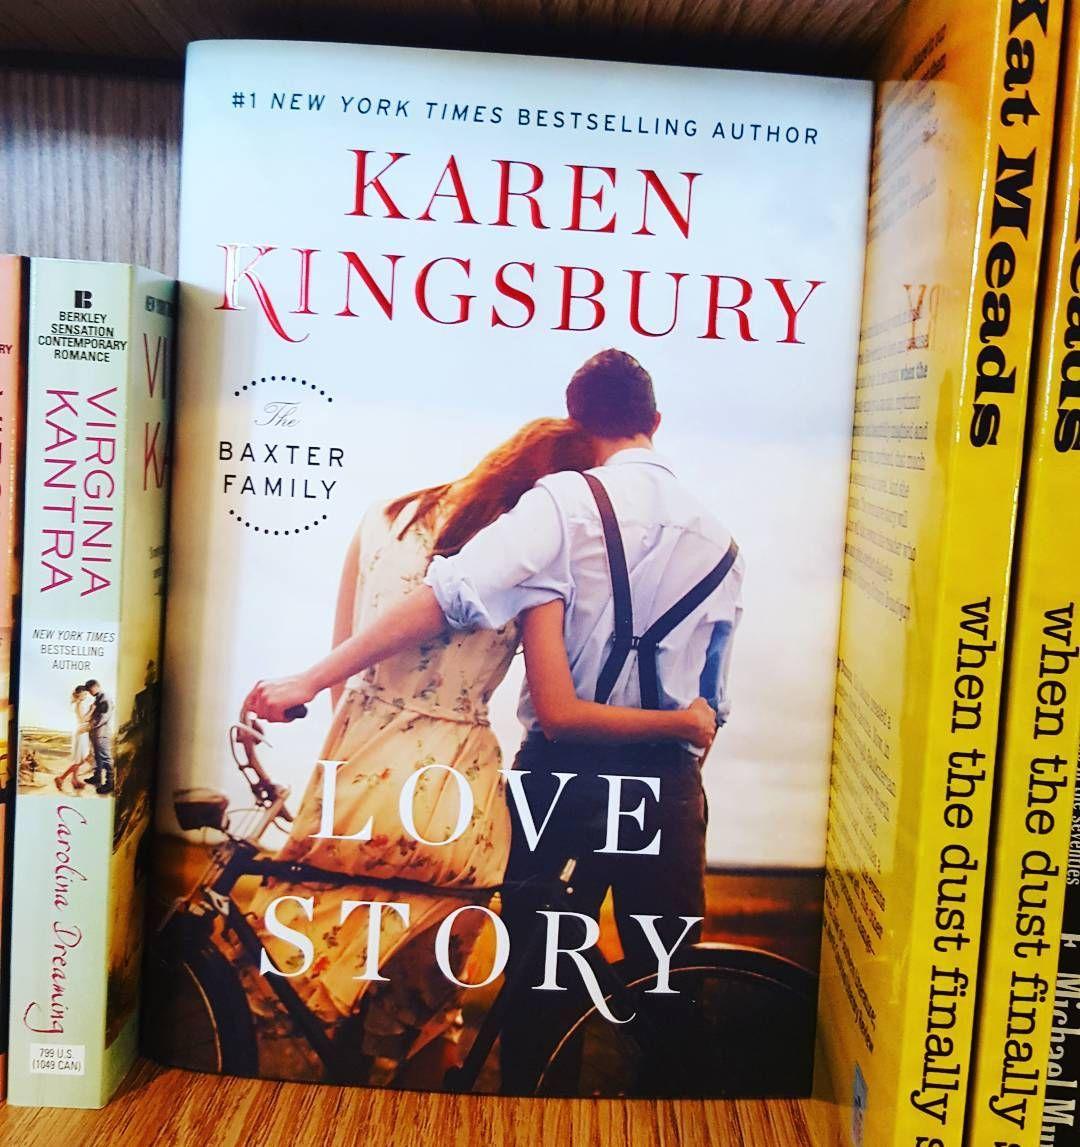 A new Karen Kingsbury set in Kitty Hawk very exciting! #islandbookstoreobx #readeveryday #karenkingsbury #lovestory